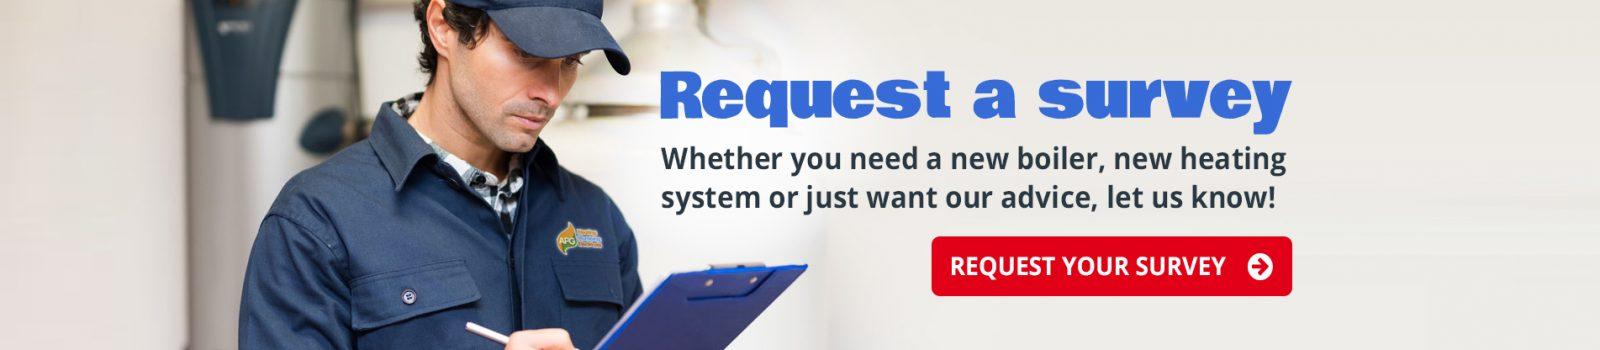 Request a survey